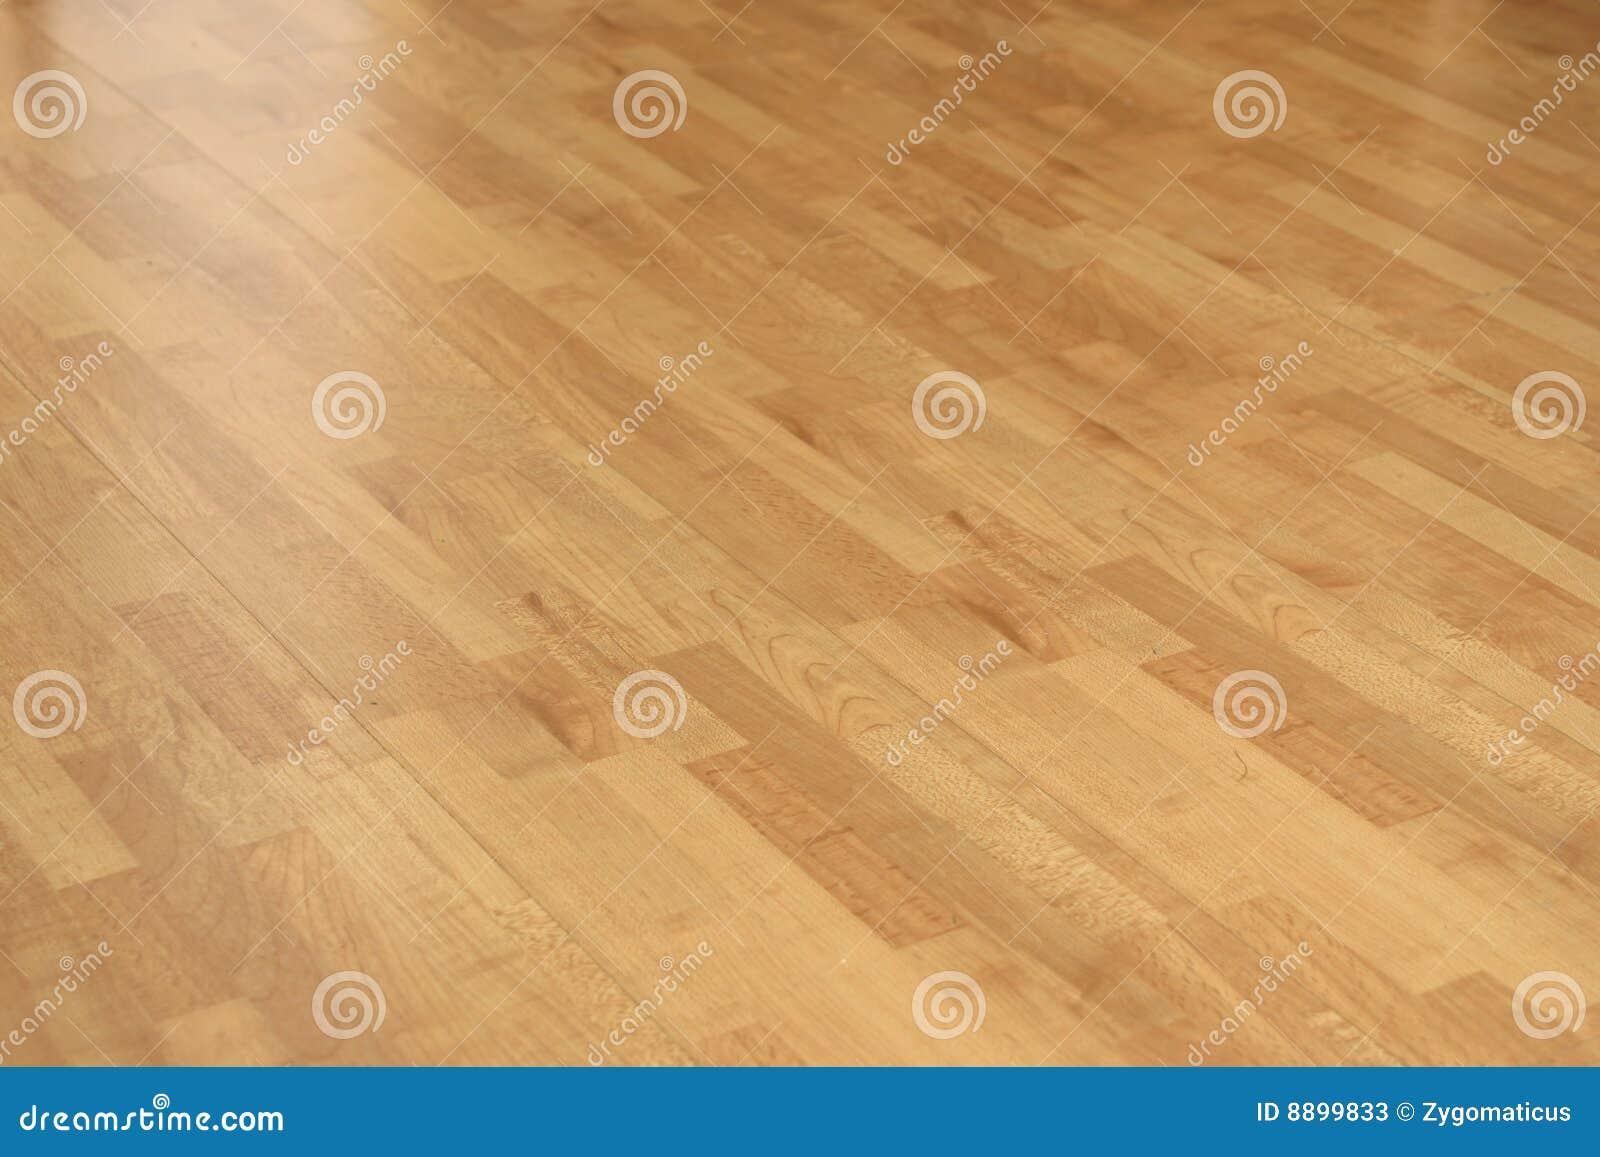 пол деревянный